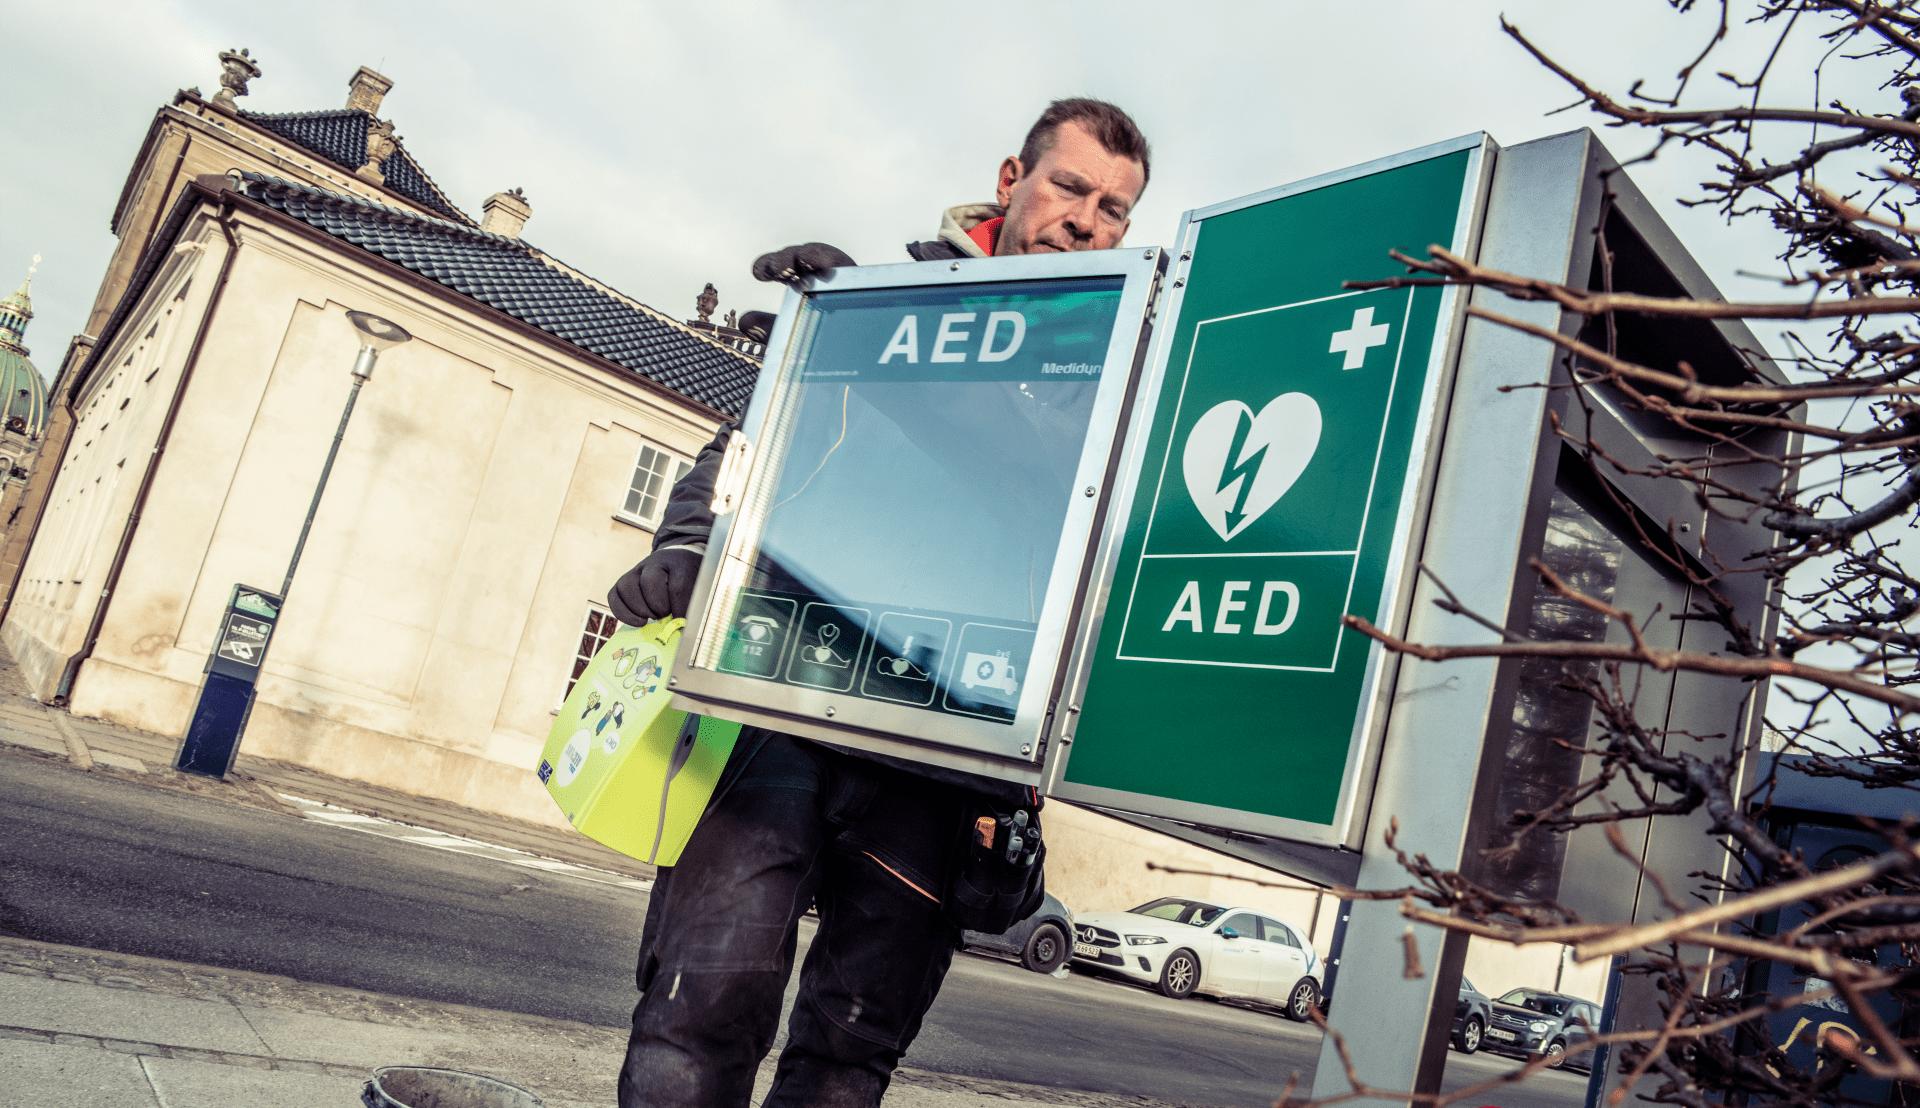 Opsaetning-af en hjertestarter i København og Amager